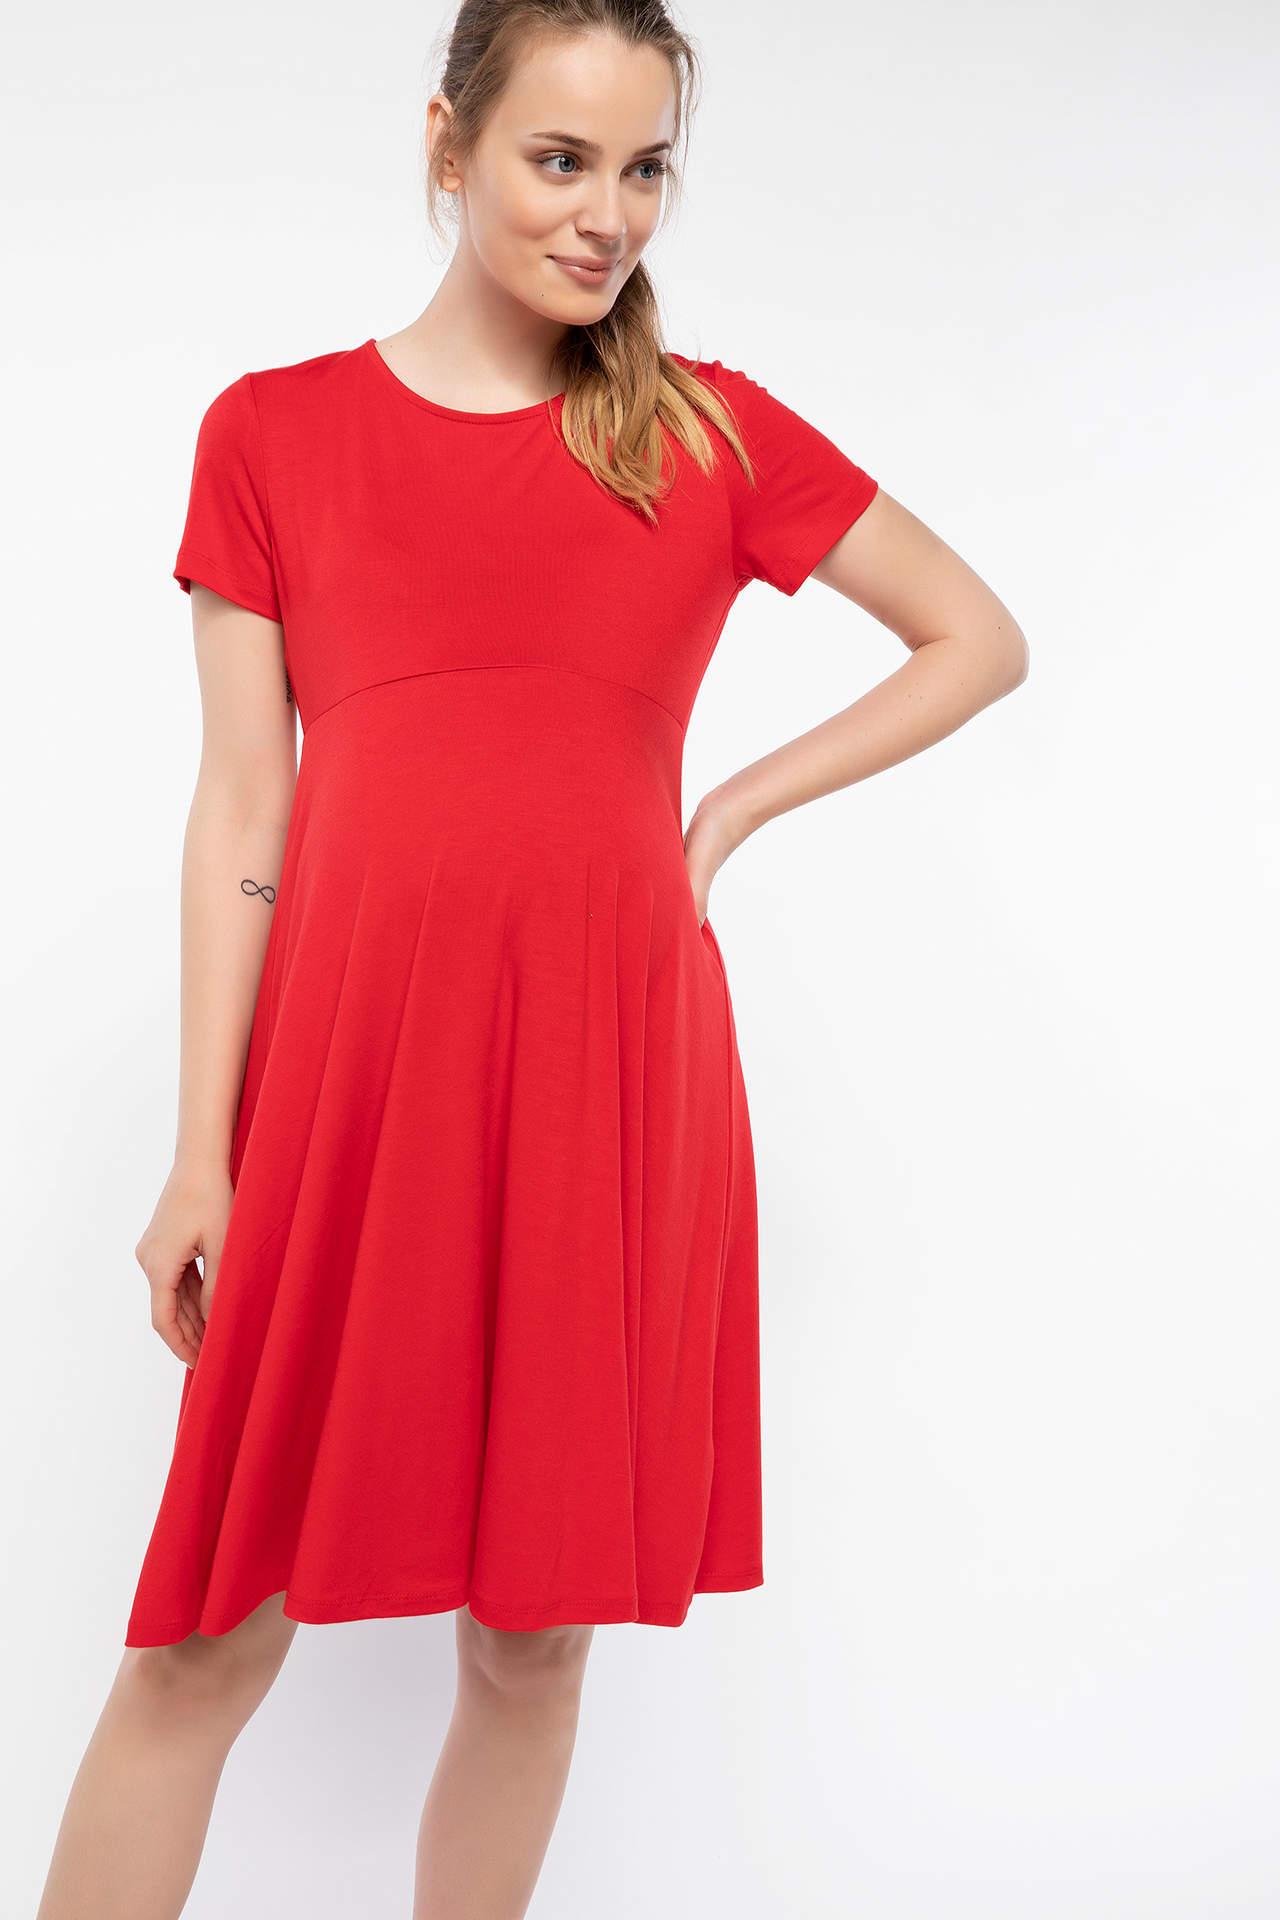 DeFacto Kadın Sırt Fiyonk Detaylı Hamile Elbisesi Kırmızı female